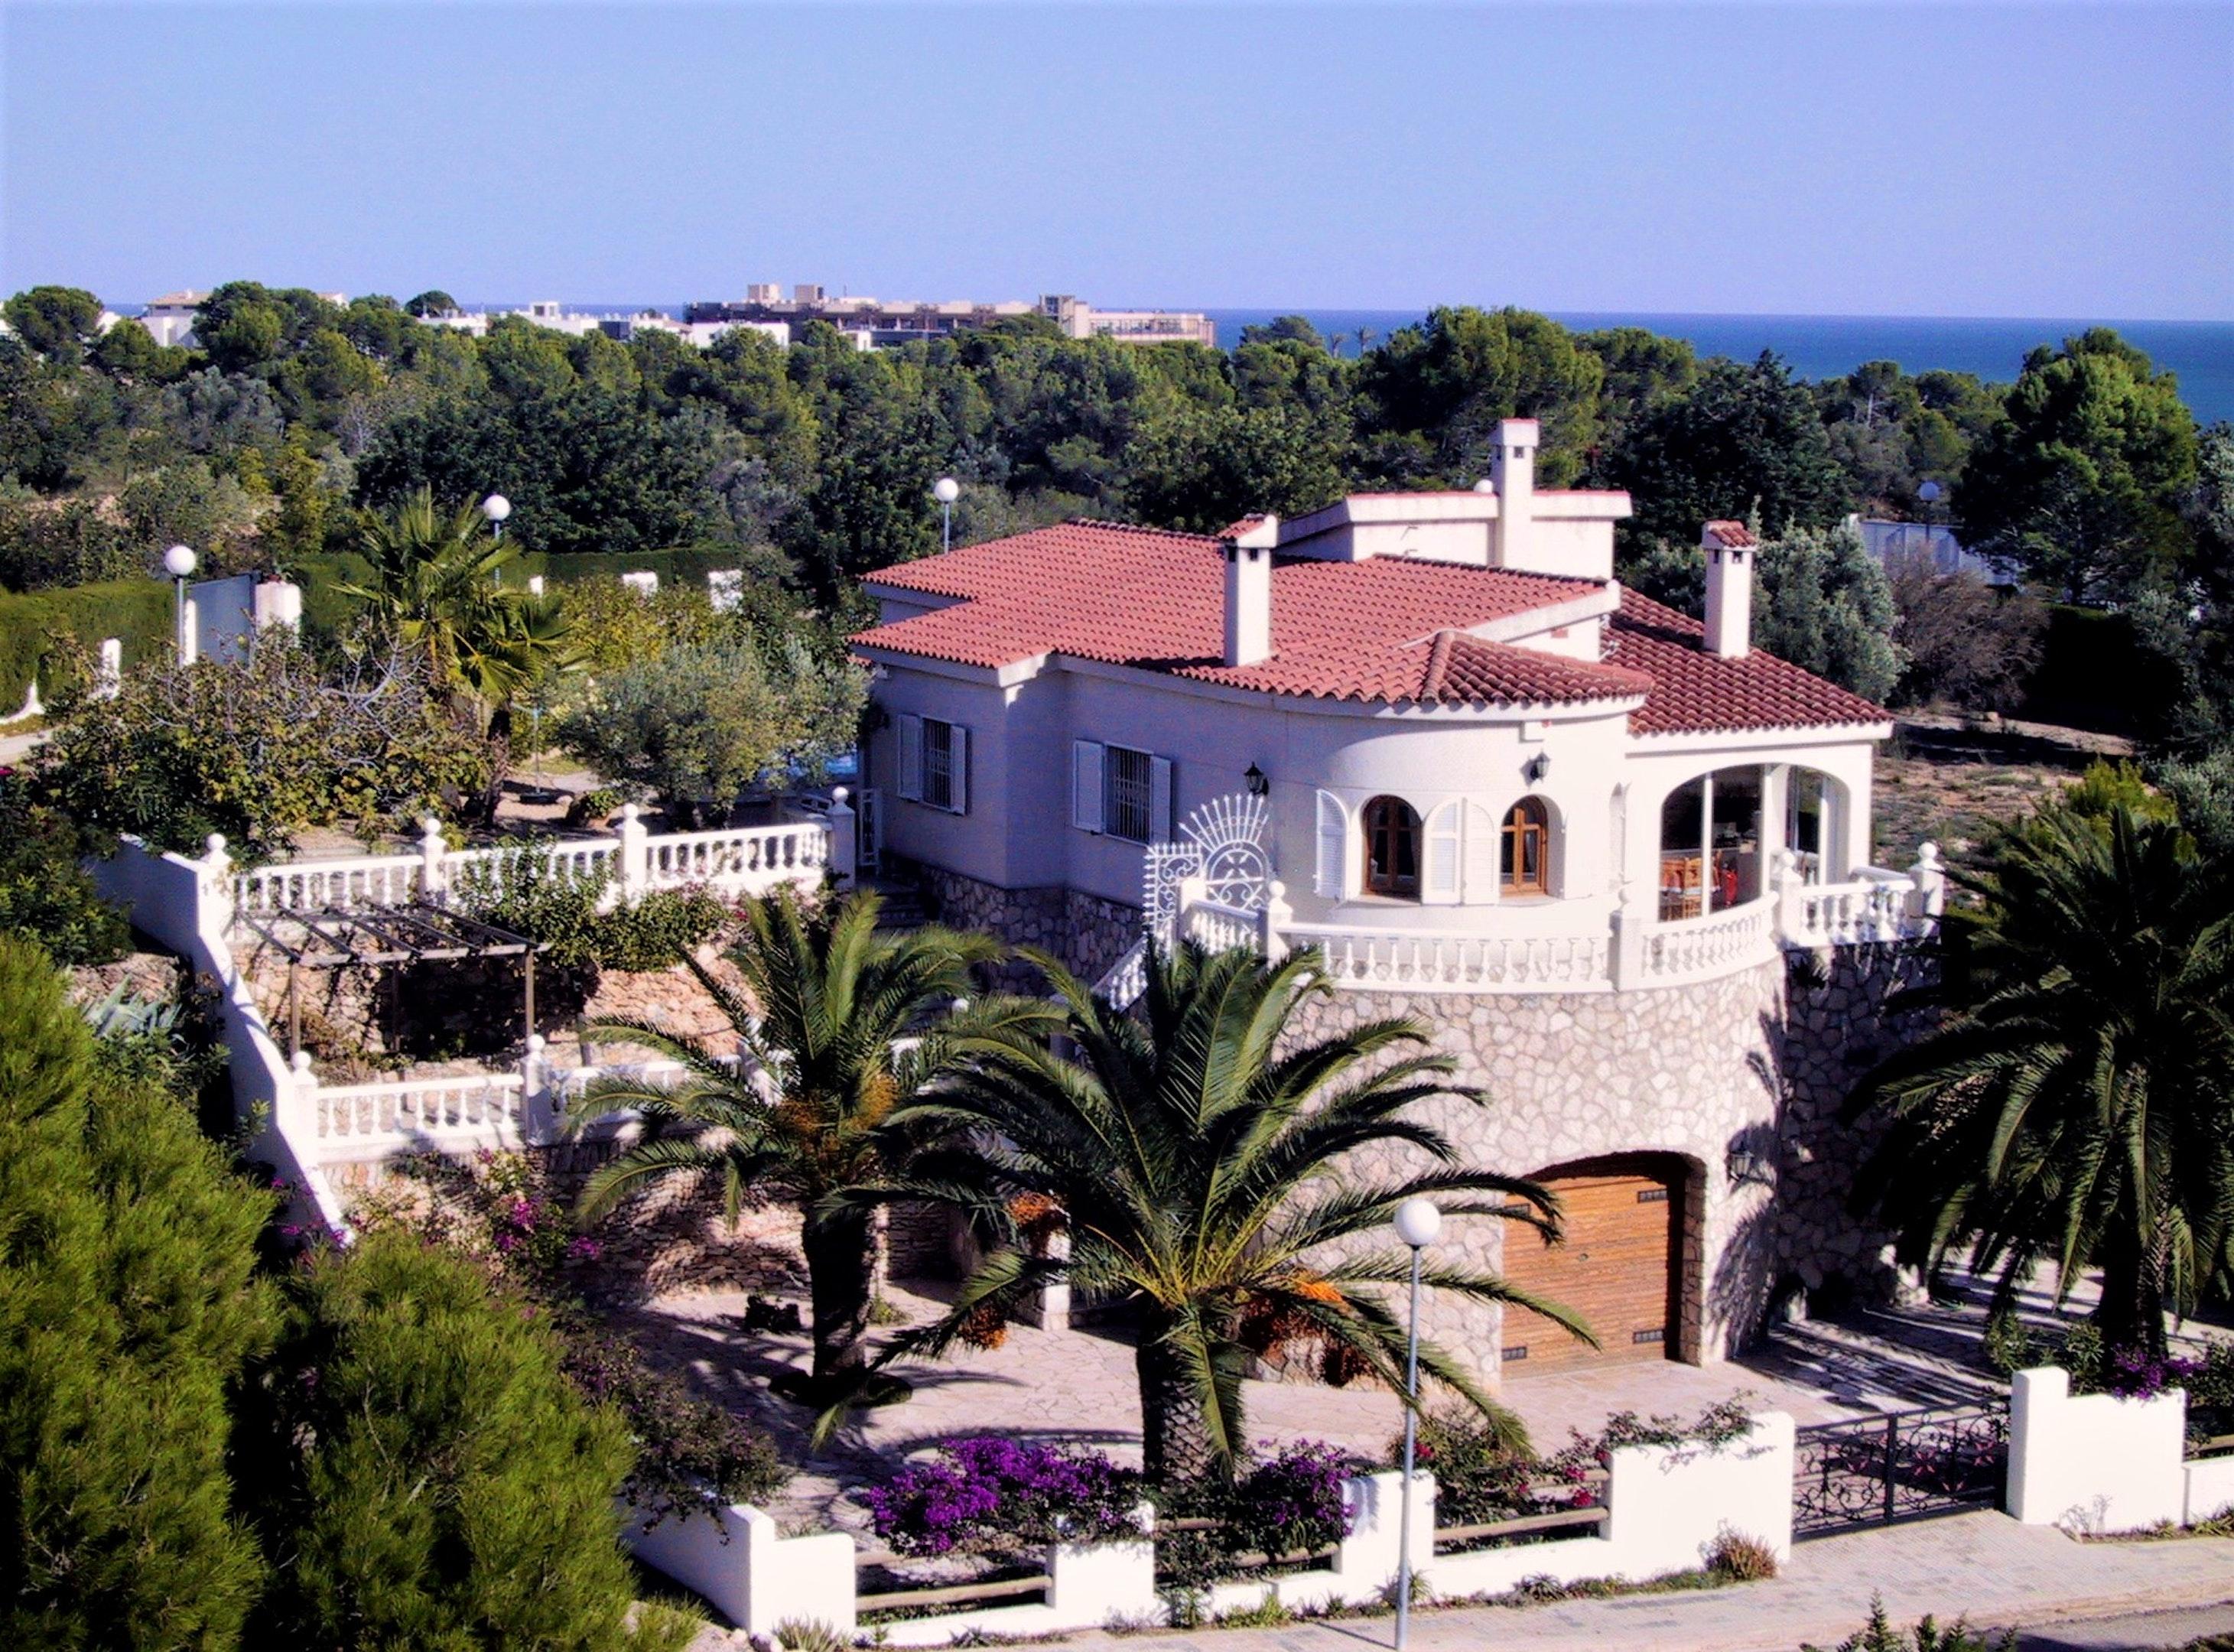 Ferienhaus Villa mit 3 Schlafzimmern in Ampolla mit herrlichem Meerblick, privatem Pool, möbliertem G (2201036), L'Ampolla, Costa Dorada, Katalonien, Spanien, Bild 1